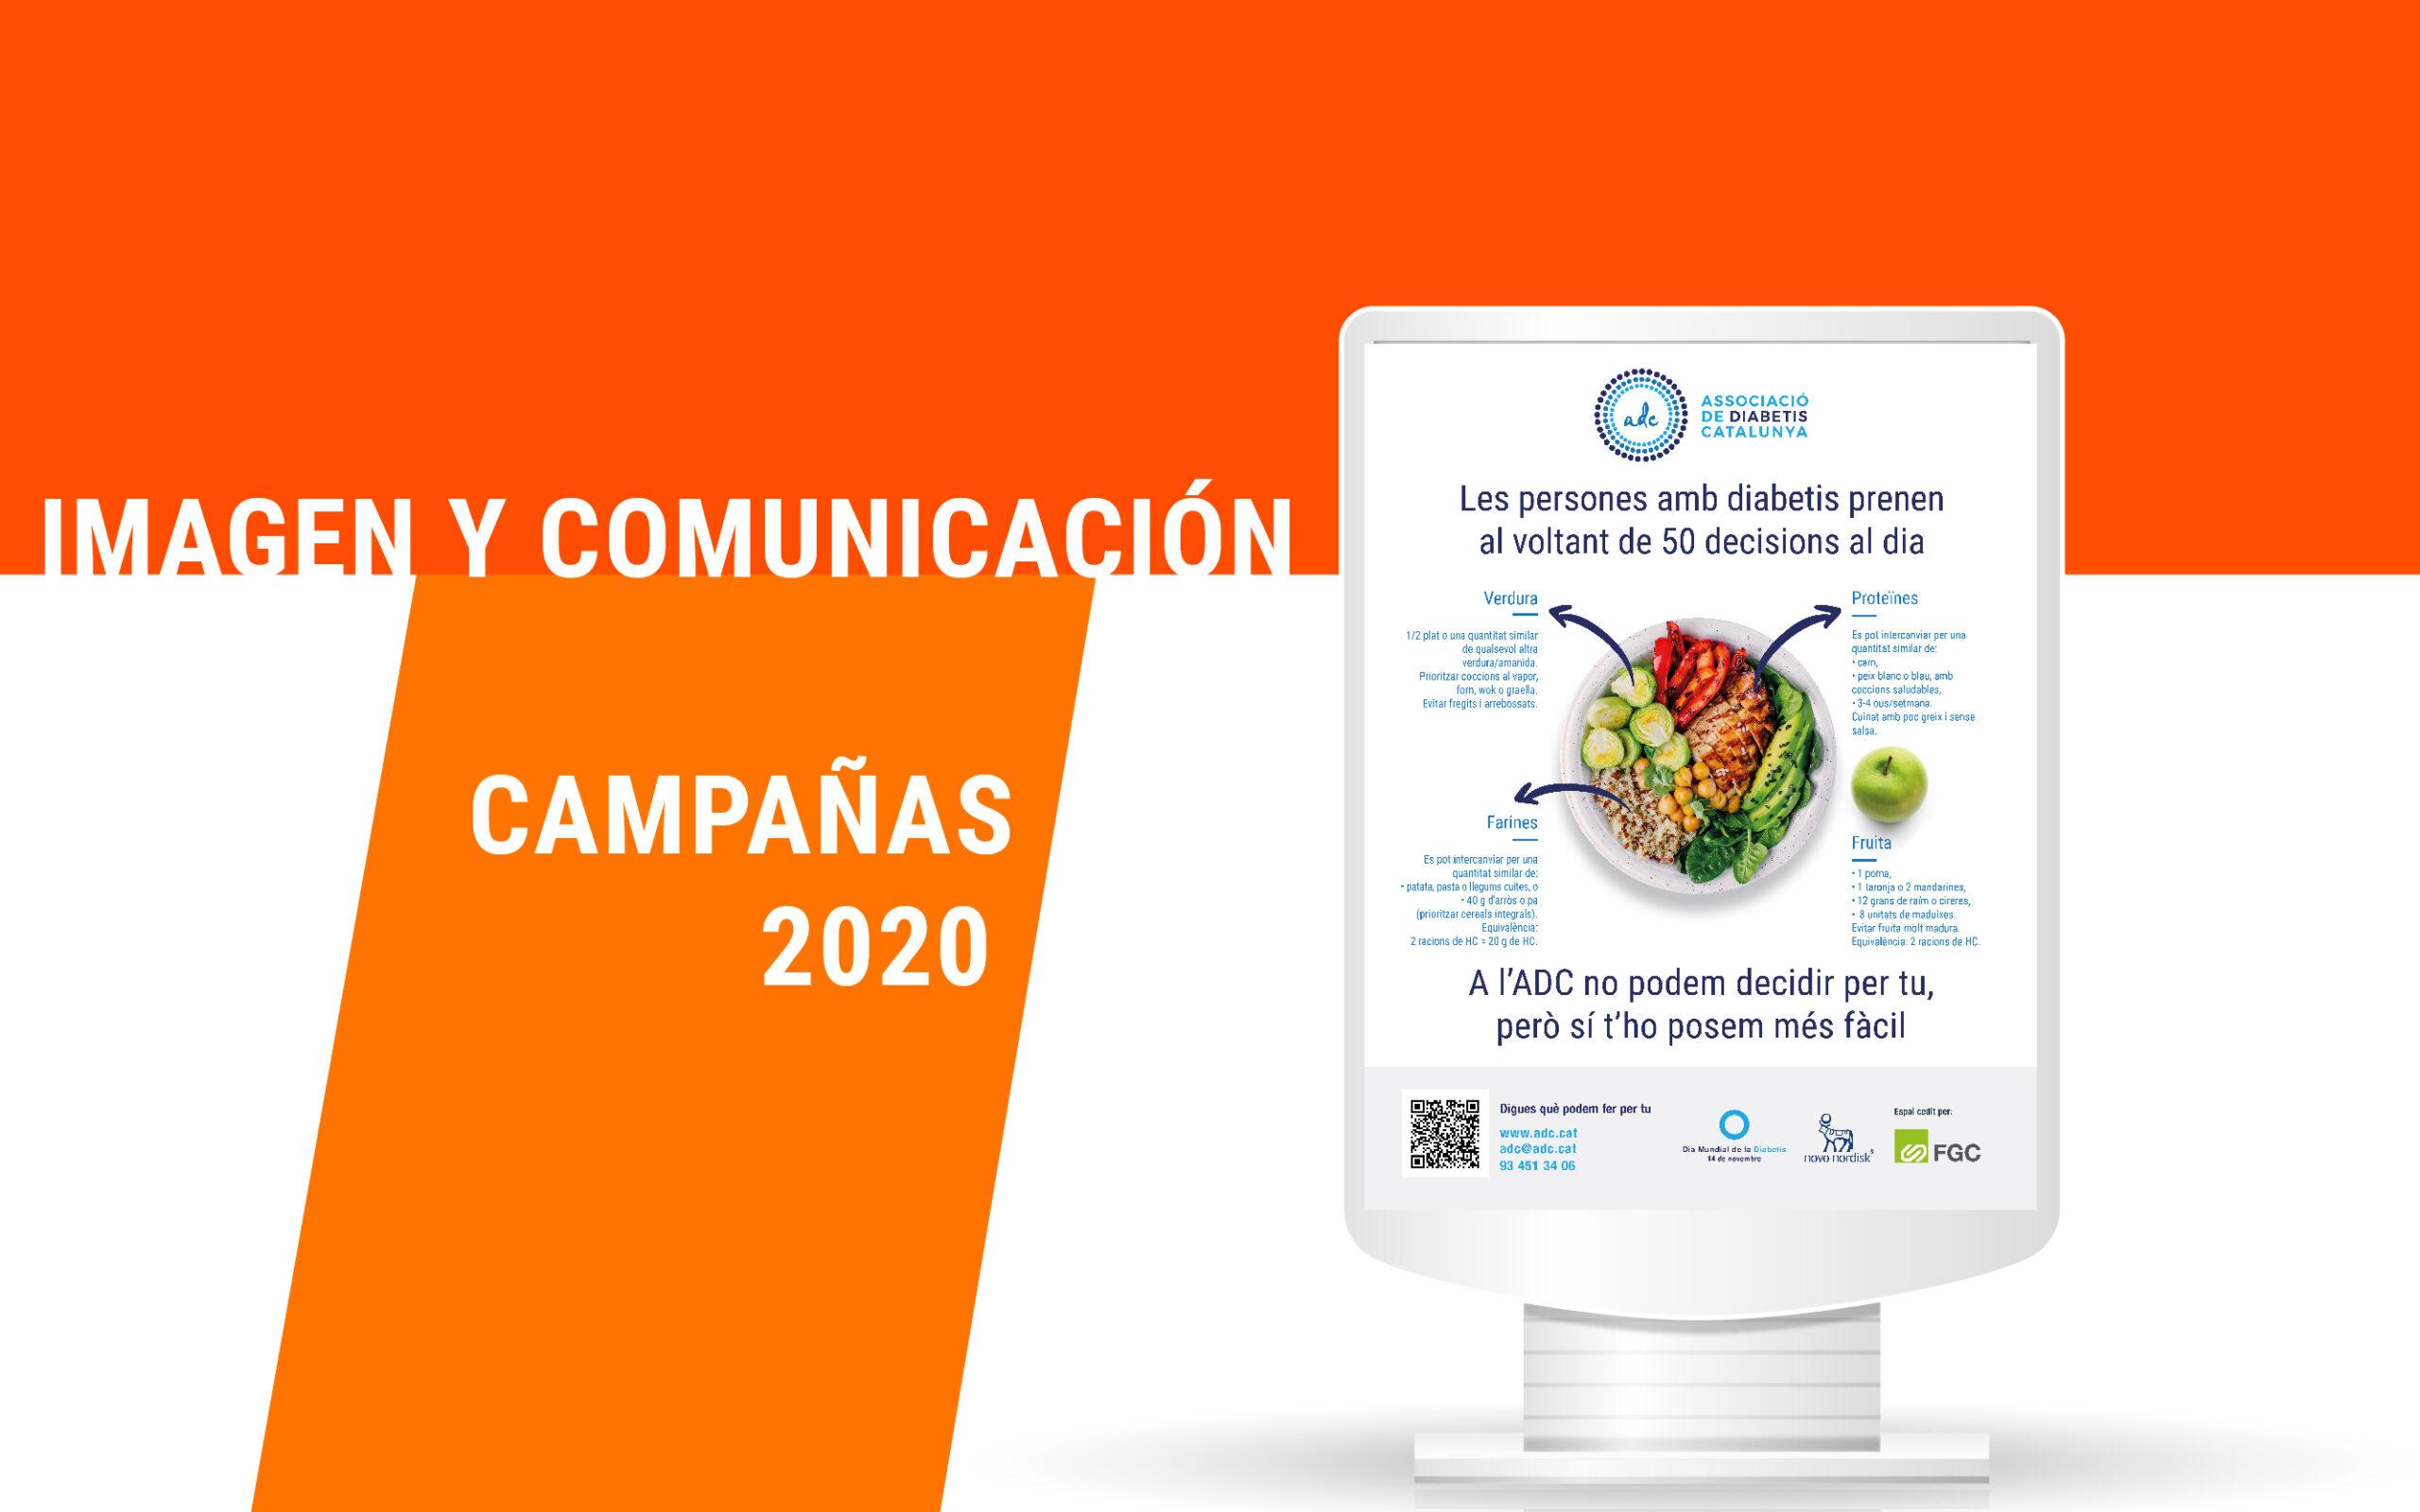 Campañas de la Asociación de Diabetes